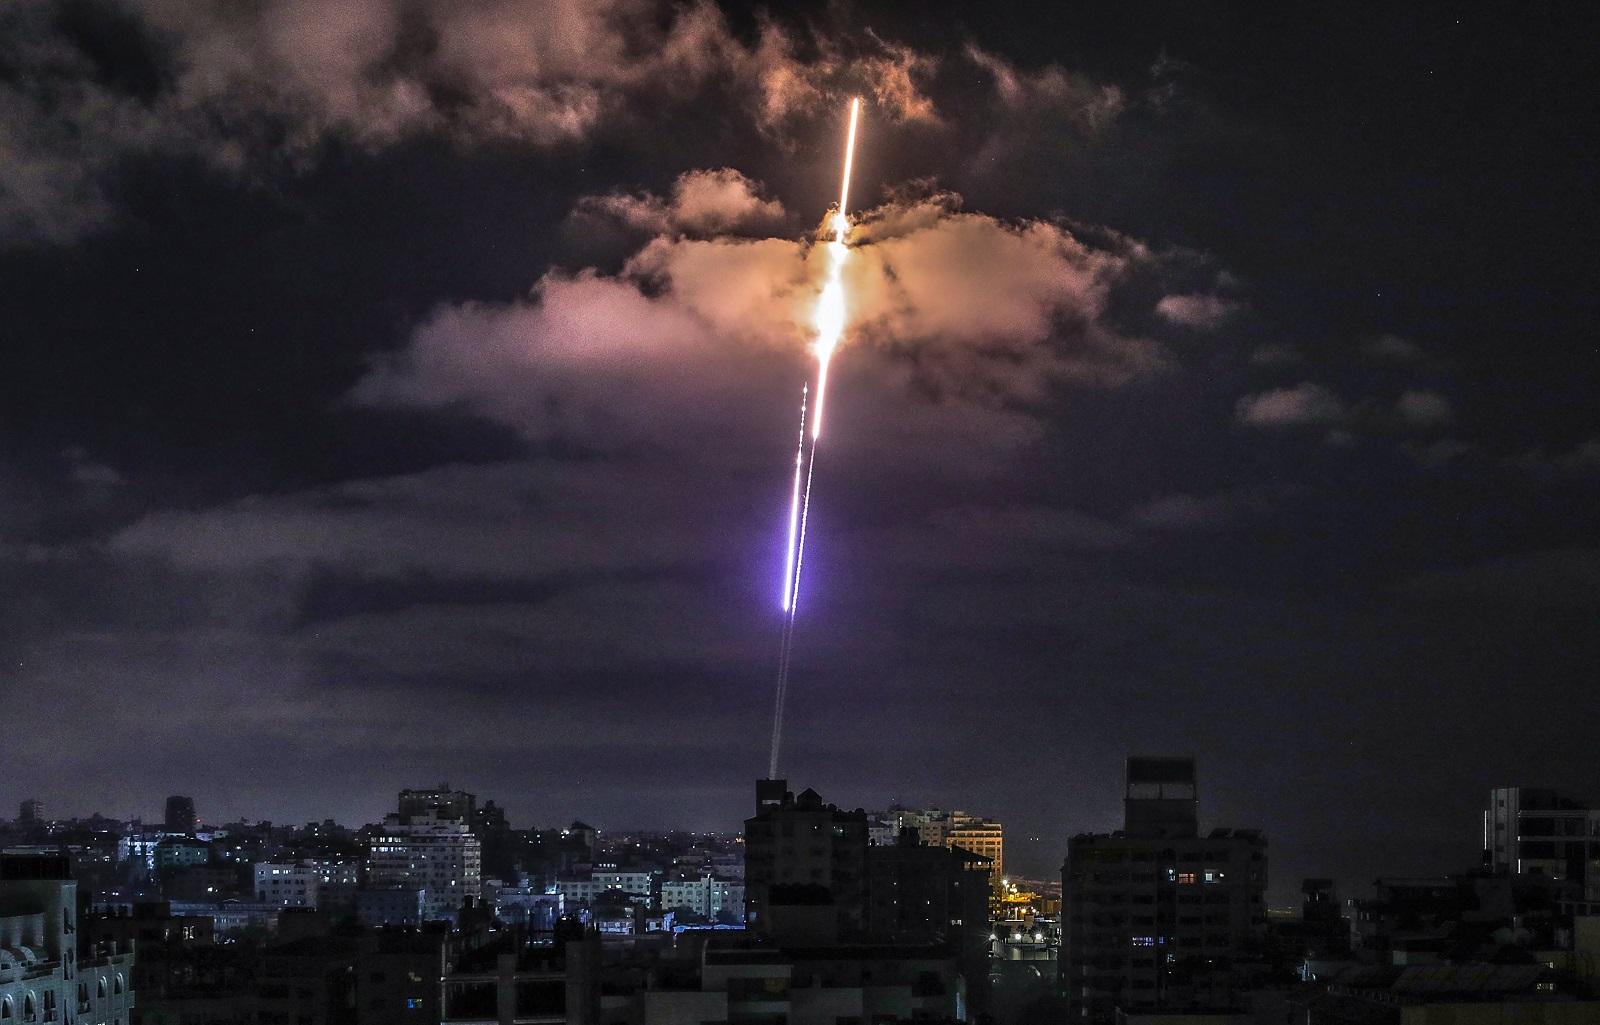 Patt, háború, Ká-Kelet – A konfliktus hatalmi aspektusairól a tűzszünet előtt